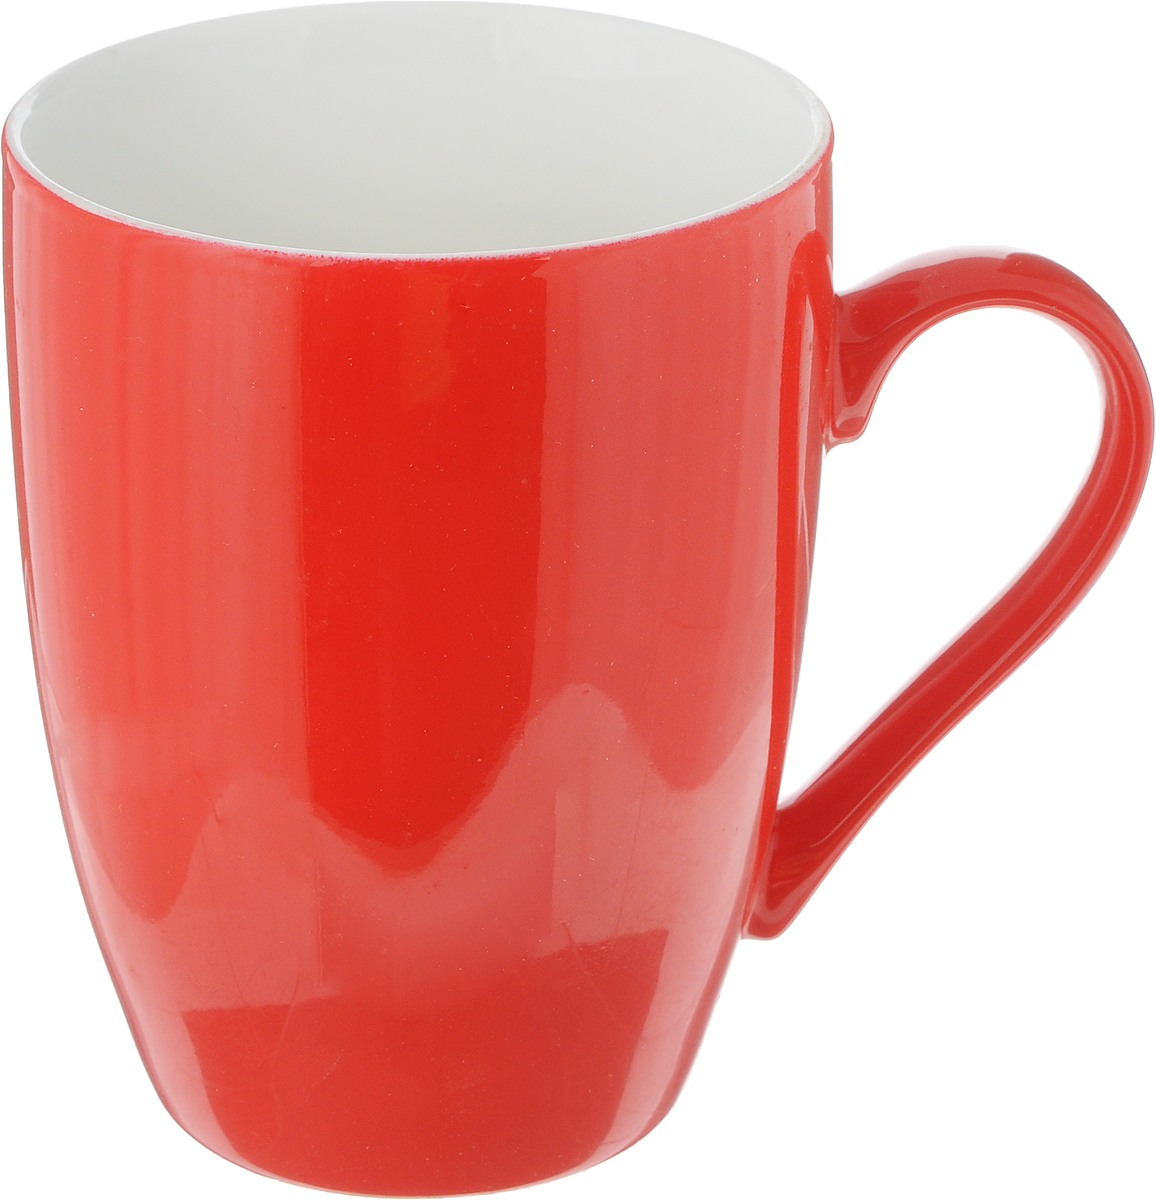 Кружка Доляна Радуга, цвет: красный, белый, 300 мл115510Кружка Доляна Радуга изготовлена из высококачественной керамики. Изделие оформлено ярким дизайном и покрыто превосходной сверкающей глазурью. Изысканная кружка прекрасно оформит стол к чаепитию и станет его неизменным атрибутом.Диаметр кружки (по верхнему краю): 8 см.Высота кружки: 10,5 см.